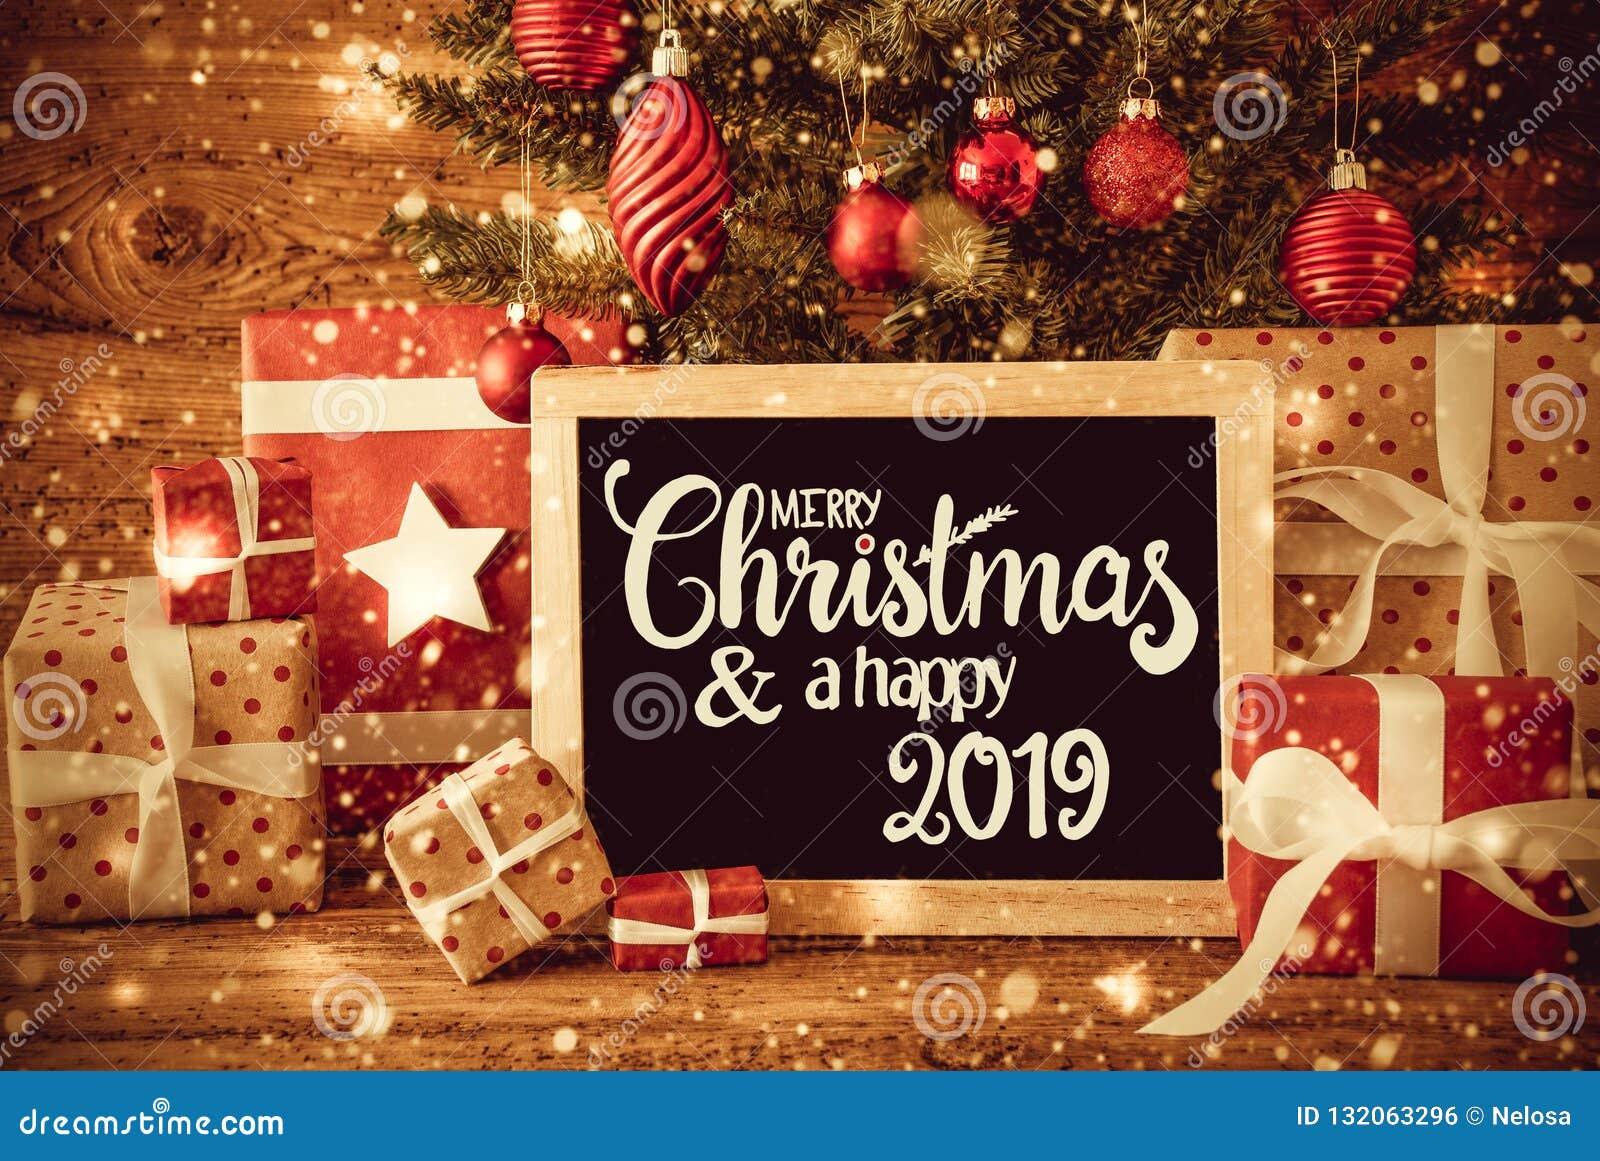 Regali Di Natale Inglese.Albero Luminoso Regali Buon Natale Di Calligrafia E Un